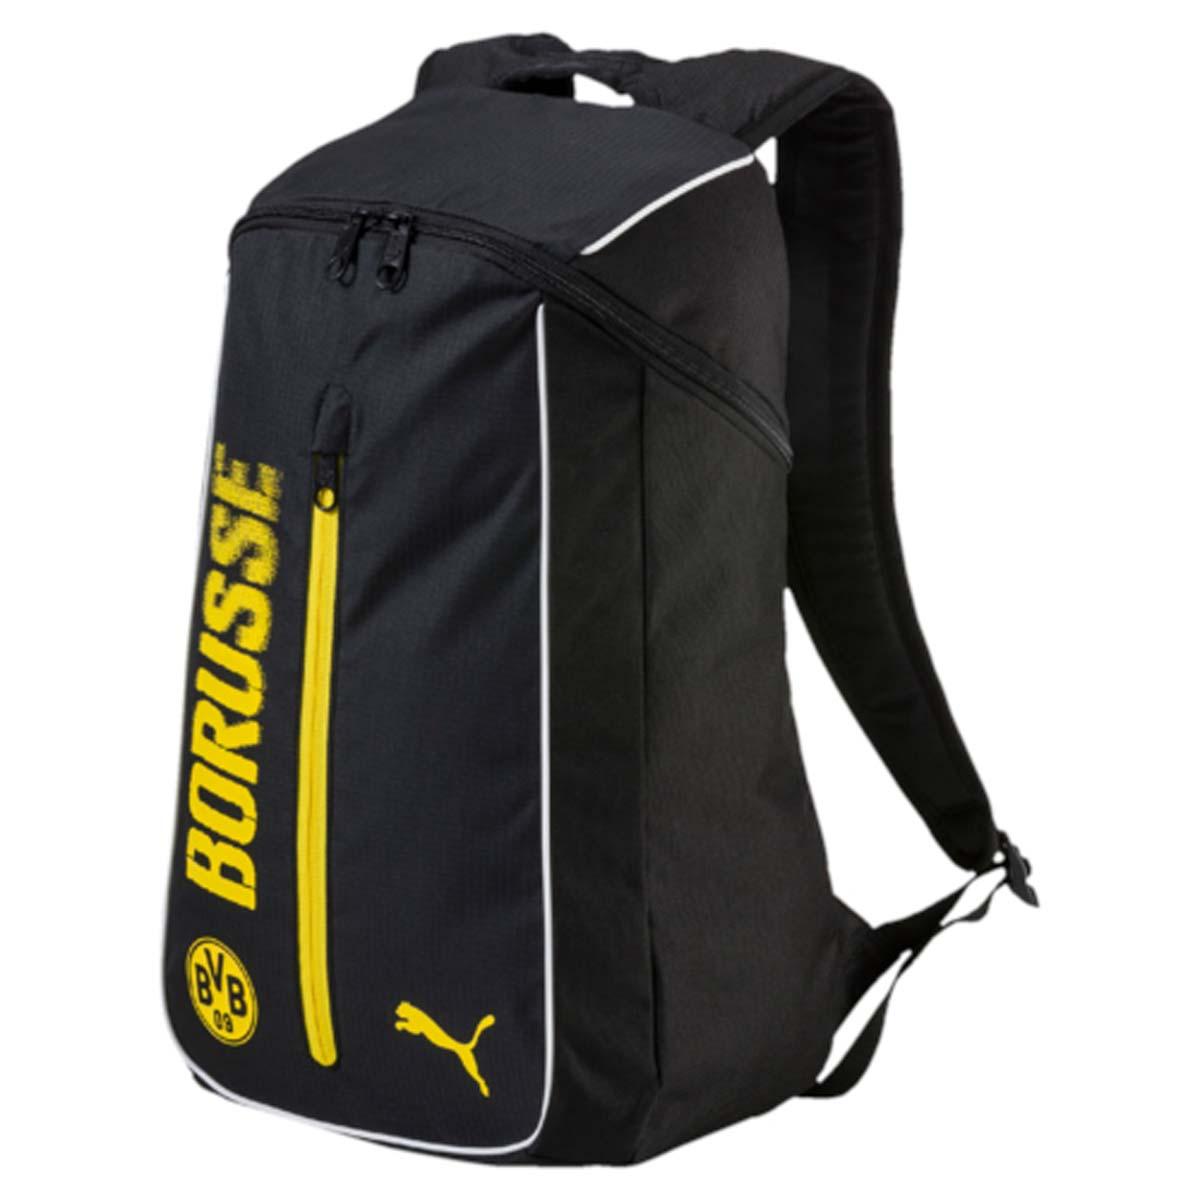 Рюкзак Puma Bvb Fanwear Backpack, цвет: черный. 0746220107462201Рюкзак Puma выполнен из текстиля. У модели одно основное отделение. Передний карман на молнии. Рюкзак с регулируемыми по длине плечевыми лямками и петлей для подвешивания.